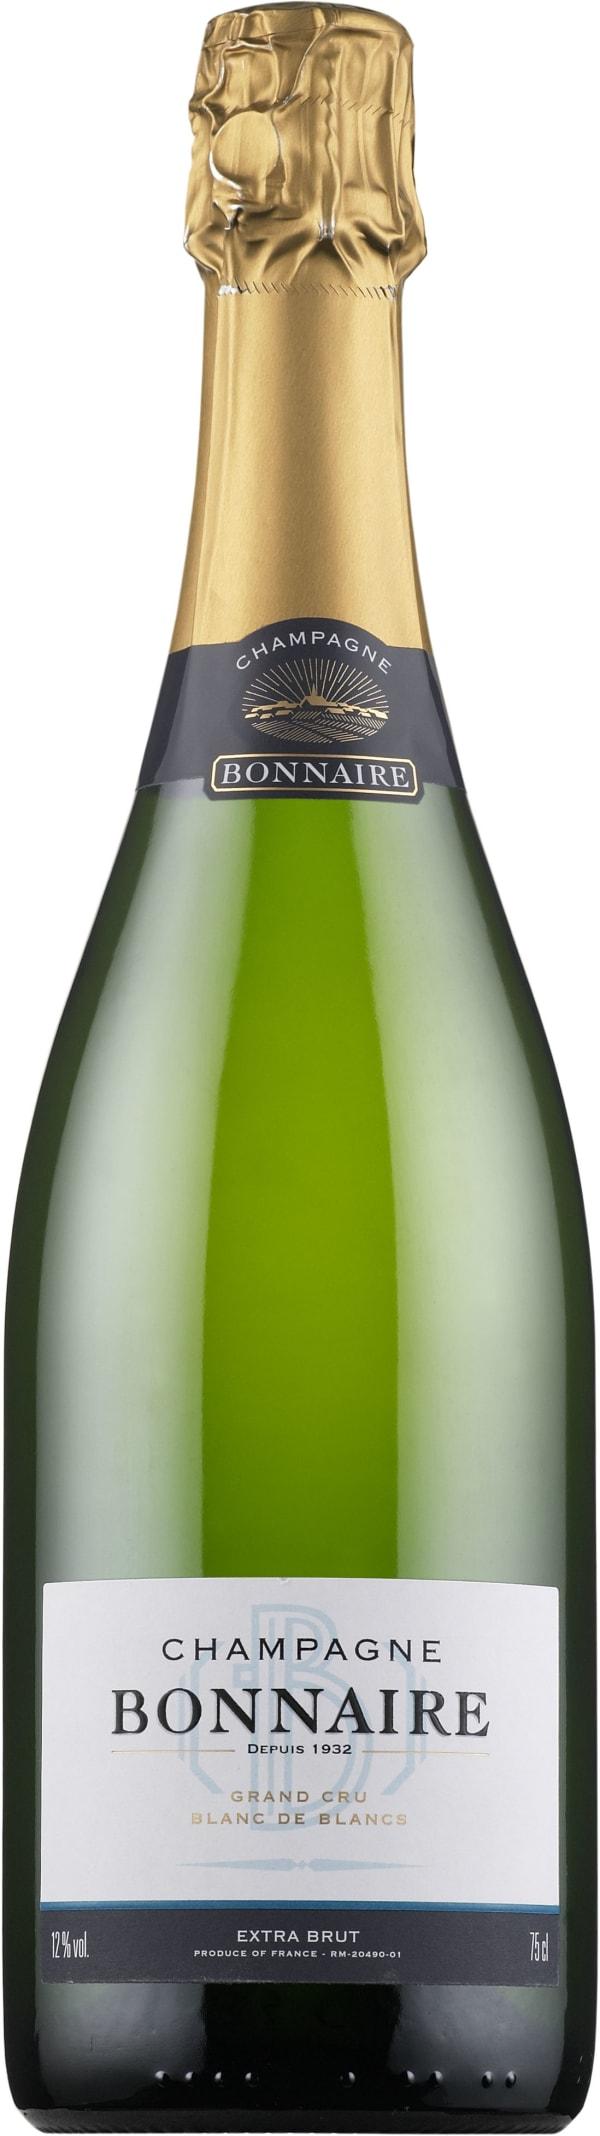 Bonnaire Grand Cru Blanc de Blancs Champagne Extra Brut